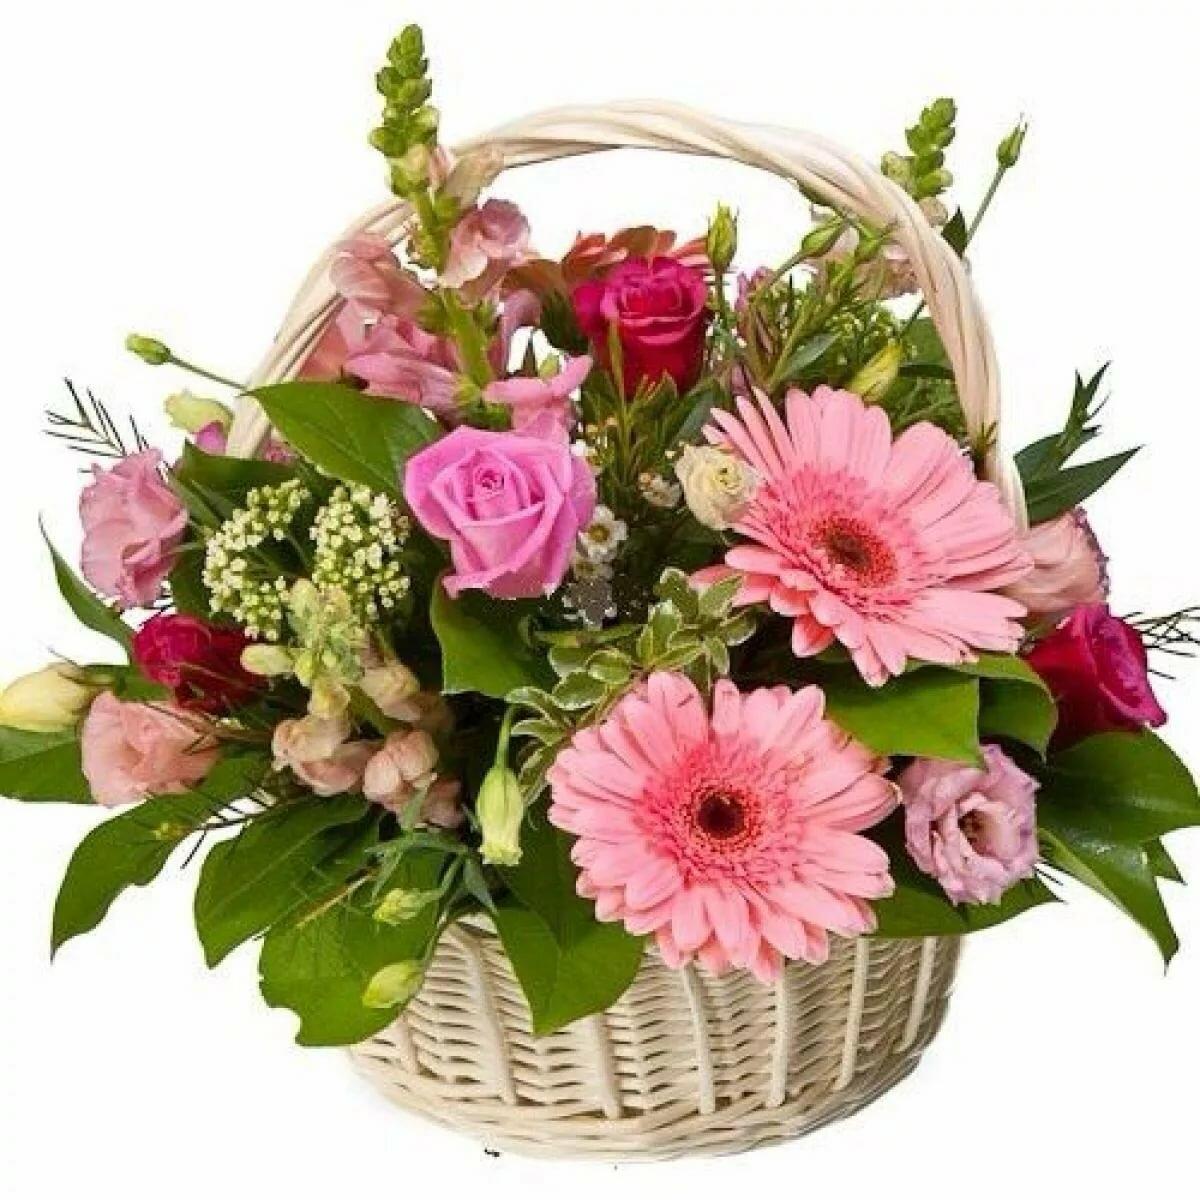 Открытка корзина с цветами на день рождения красивые, шары улетают небо